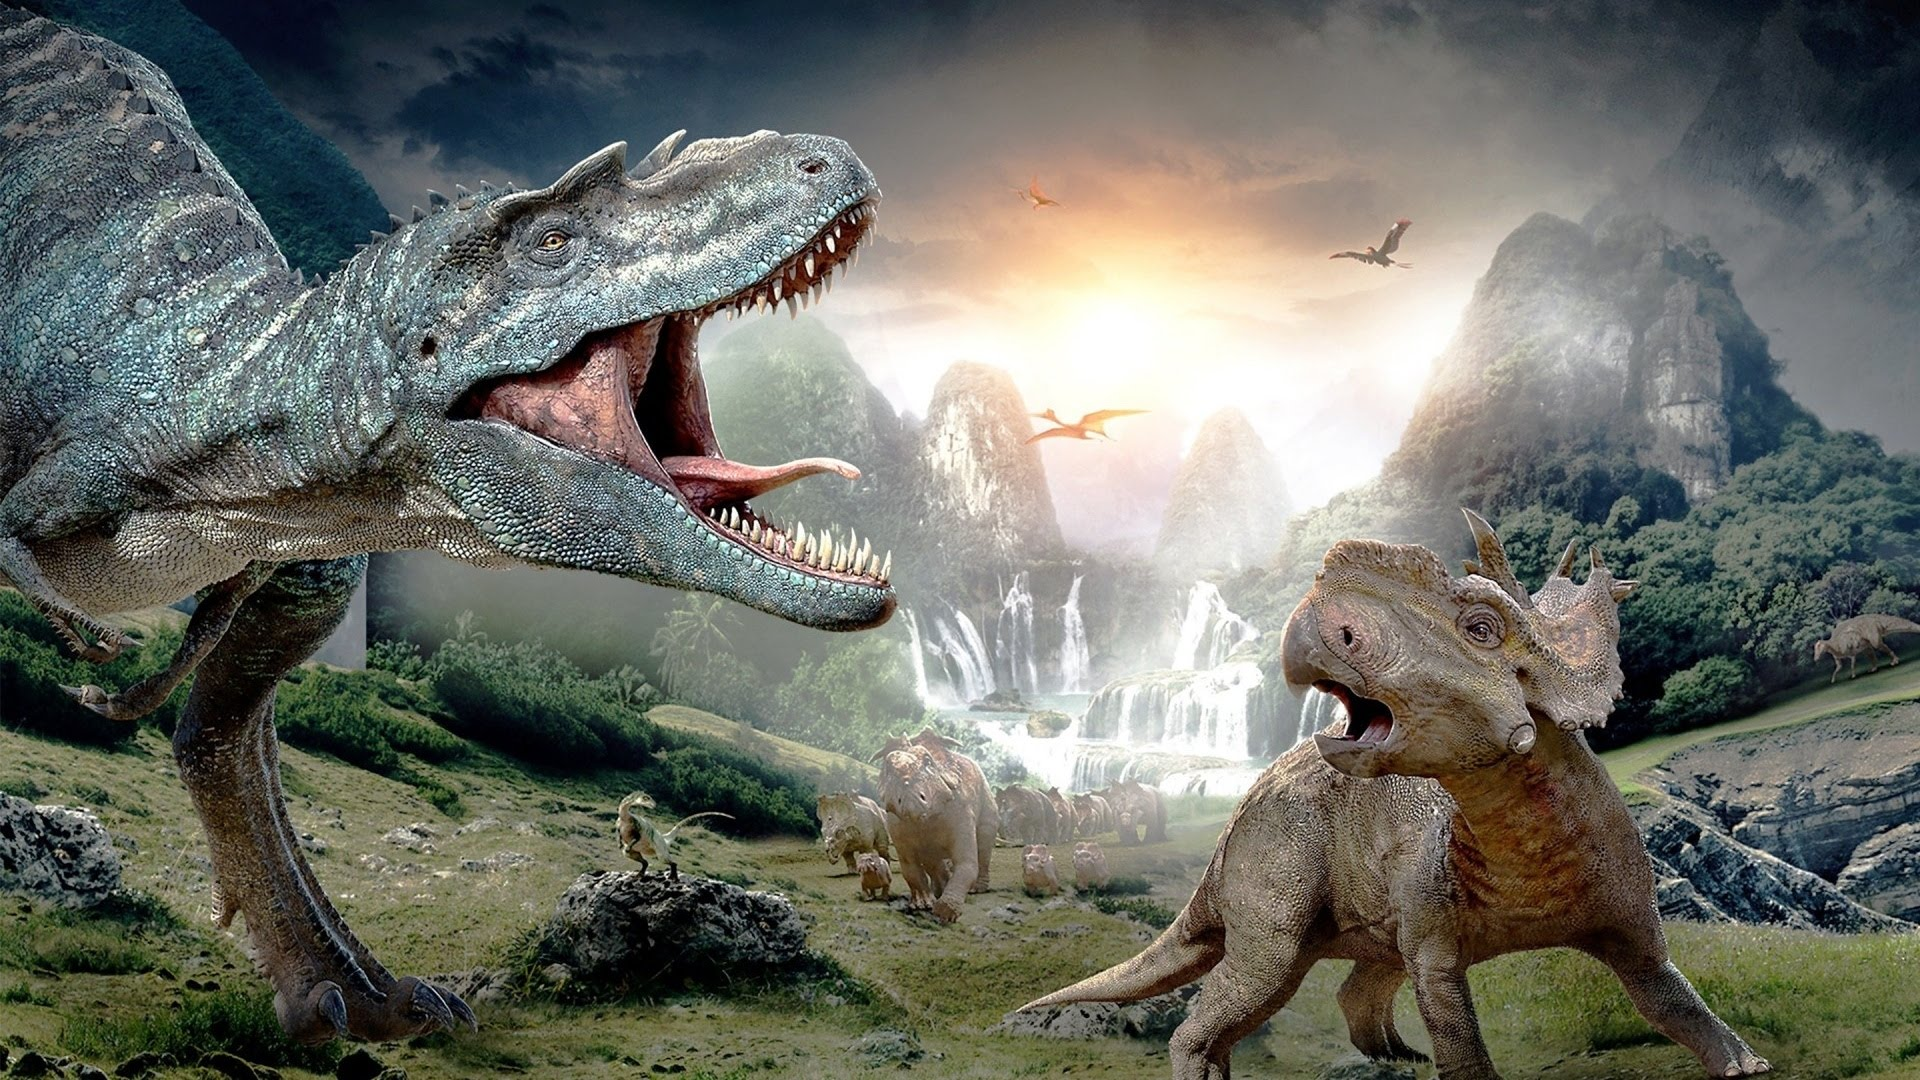 динозаври, астероїд